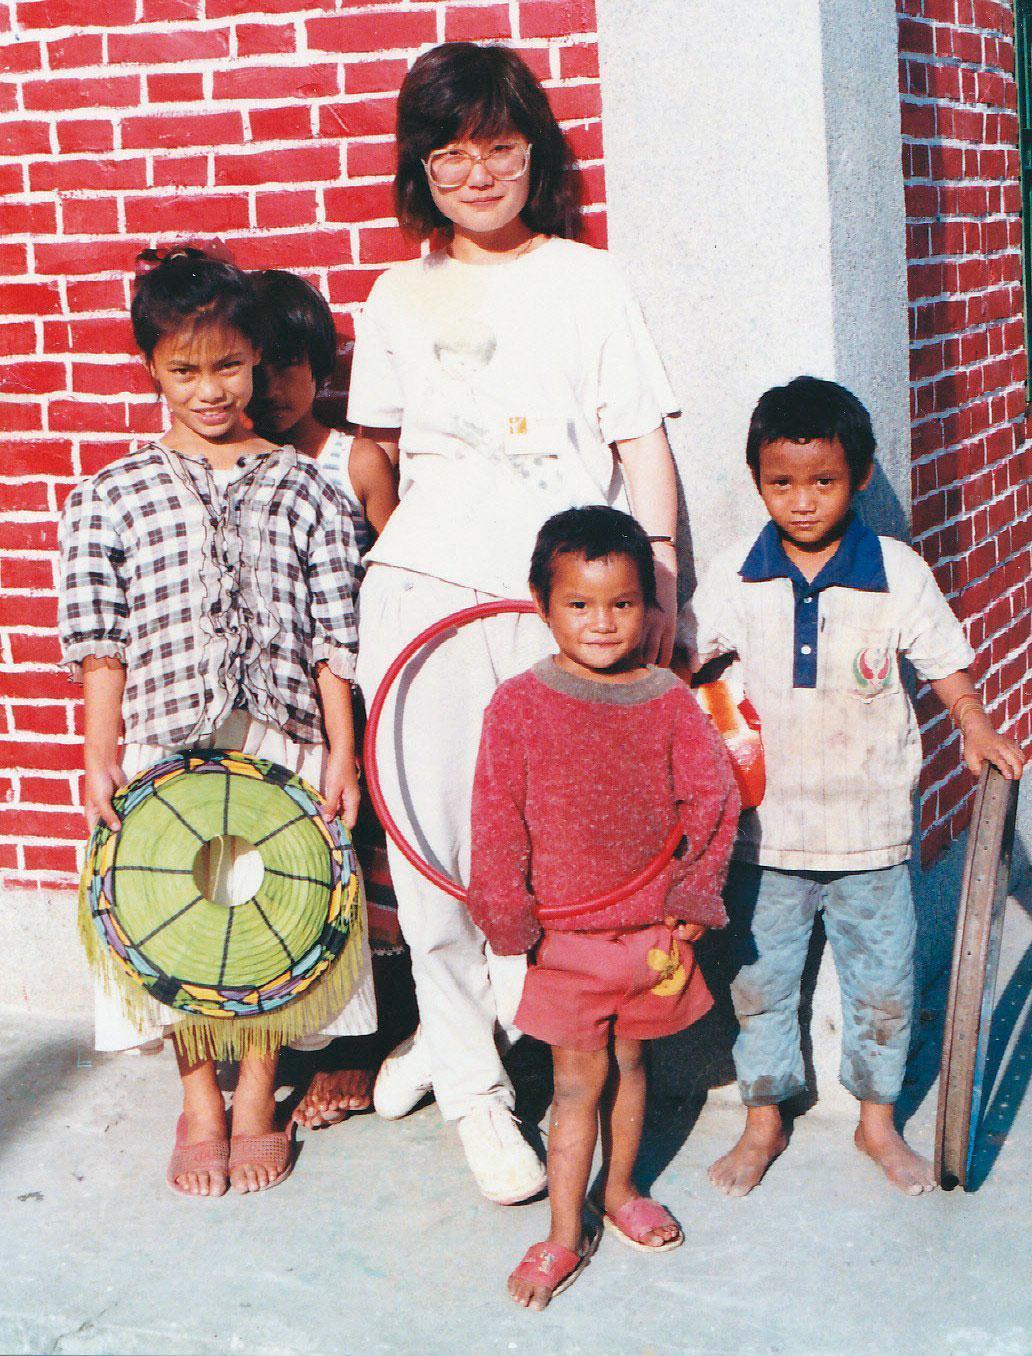 李可珊19歲時到利稻部落辦營隊,圖中4個孩子至今仍有聯絡。(李可珊提供)